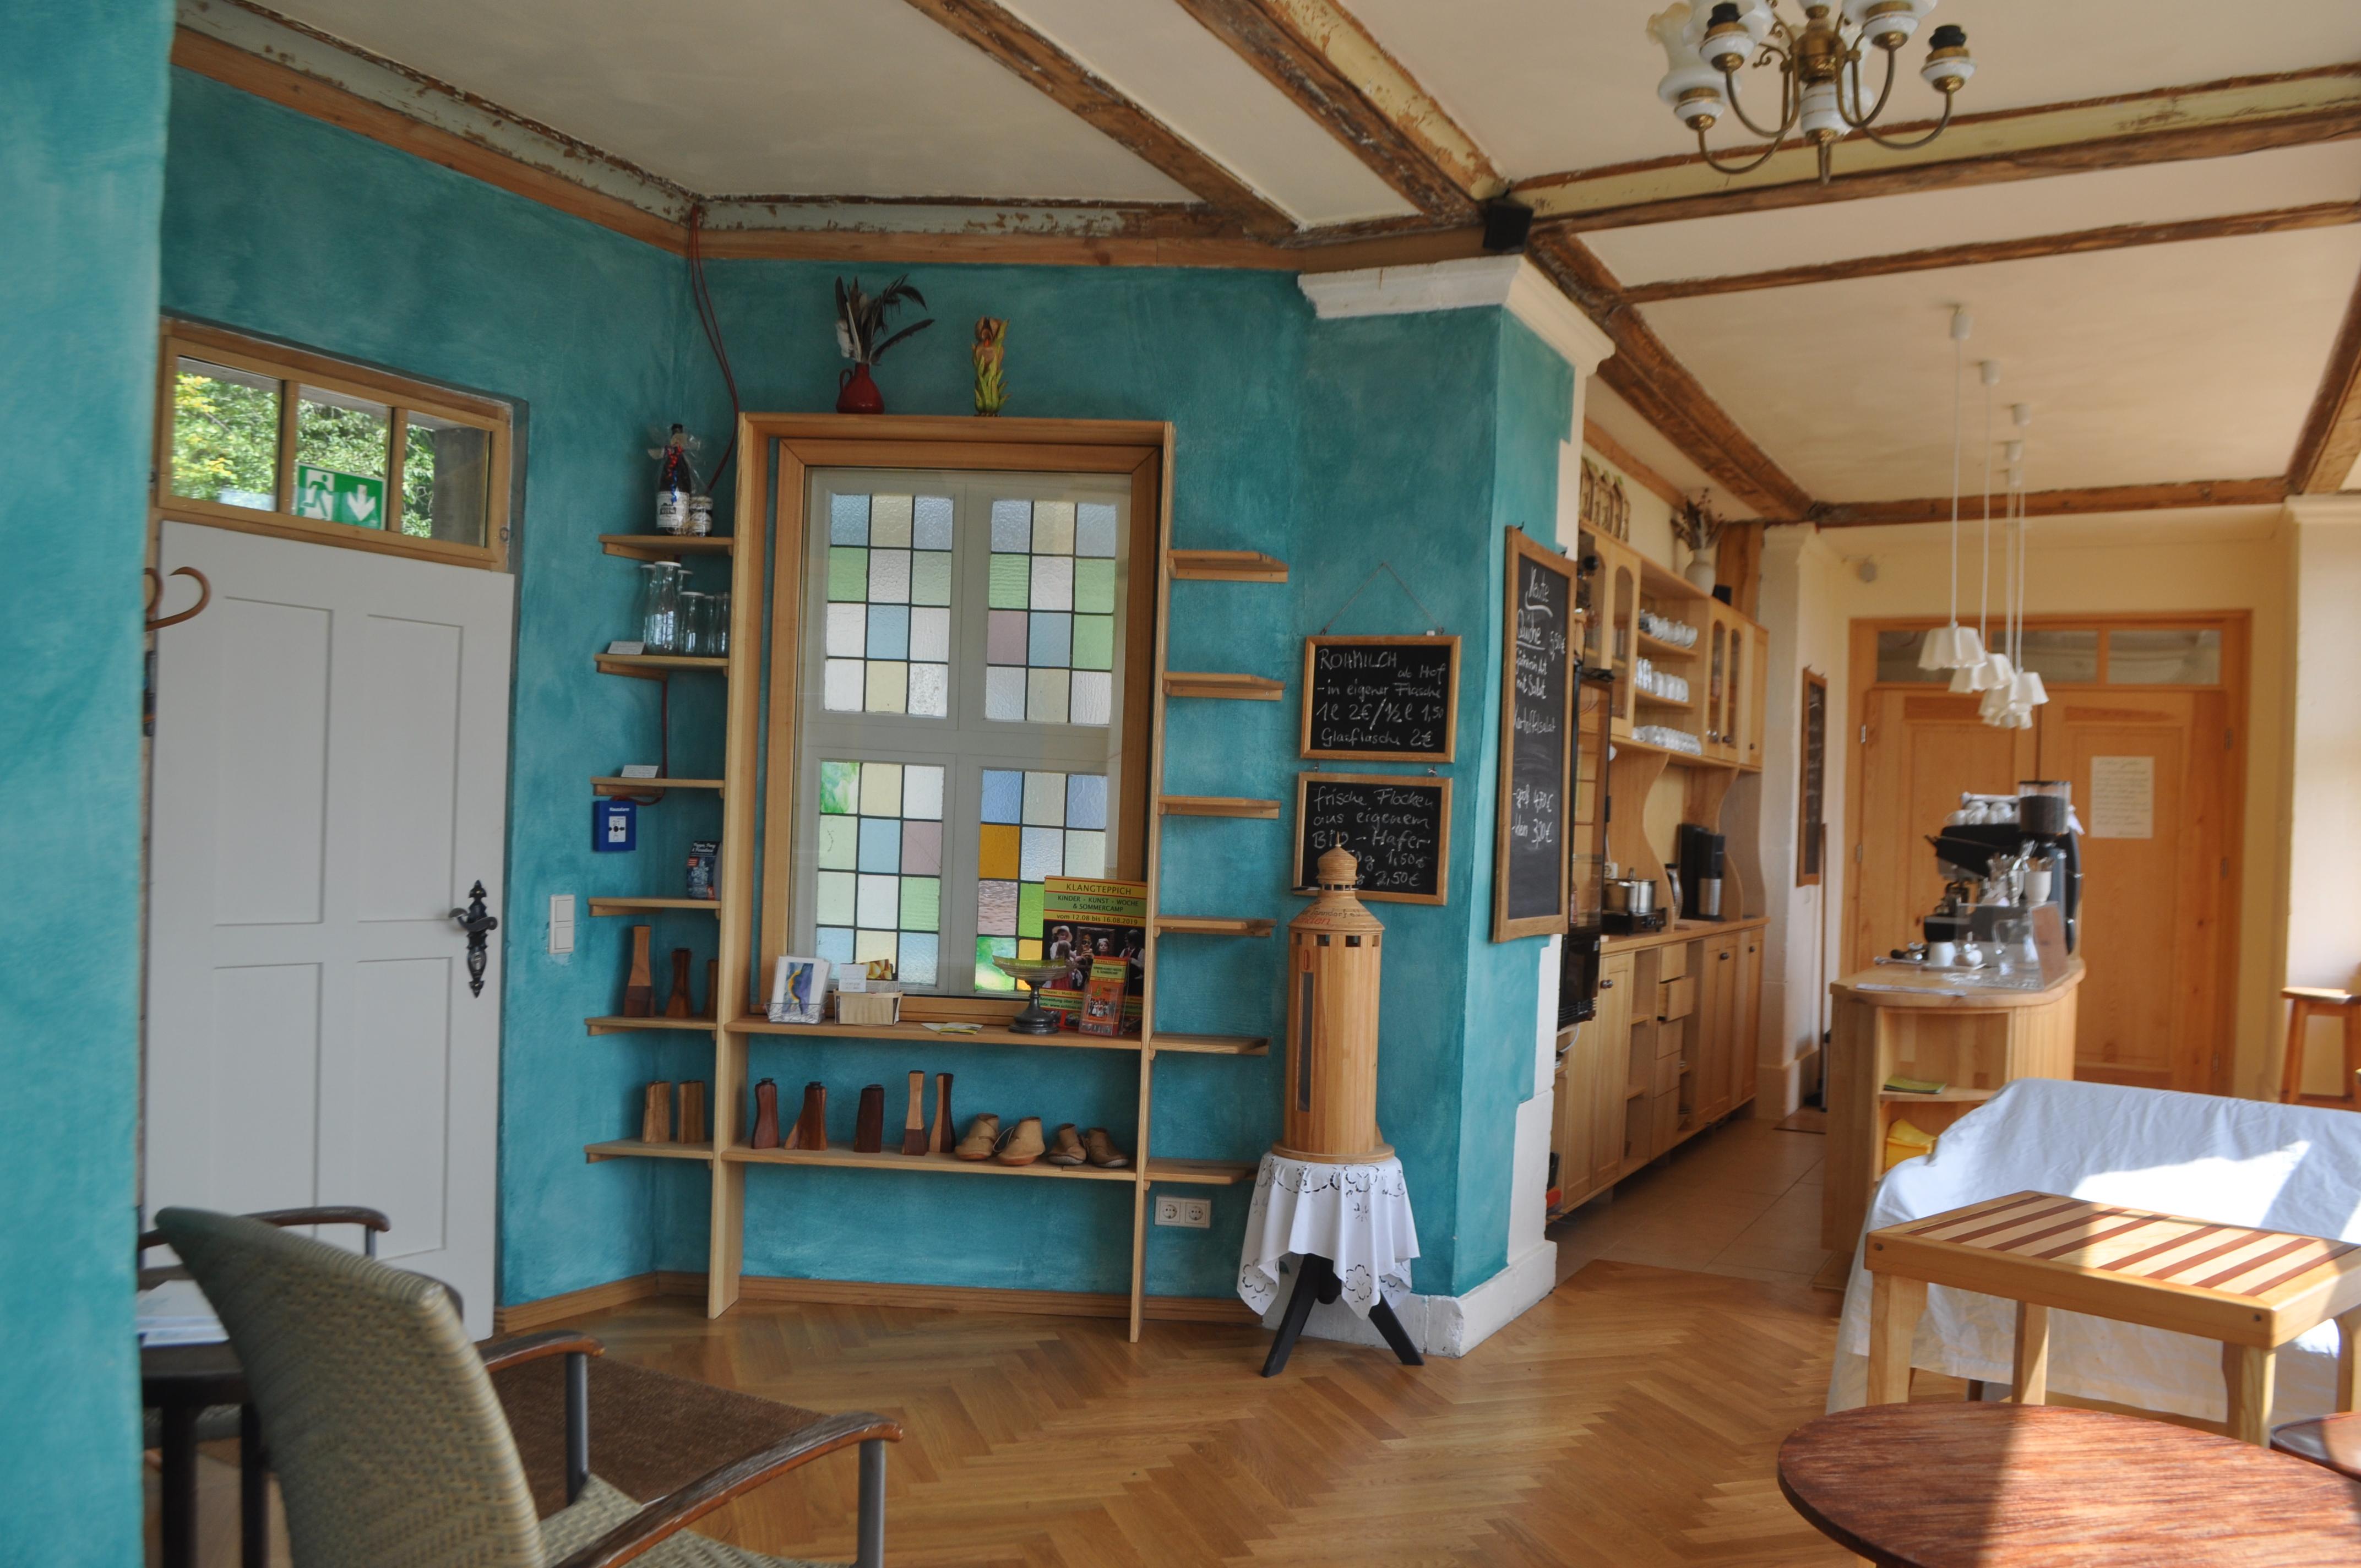 Kultur-Café, Auf Schloss Tonndorf e.G.